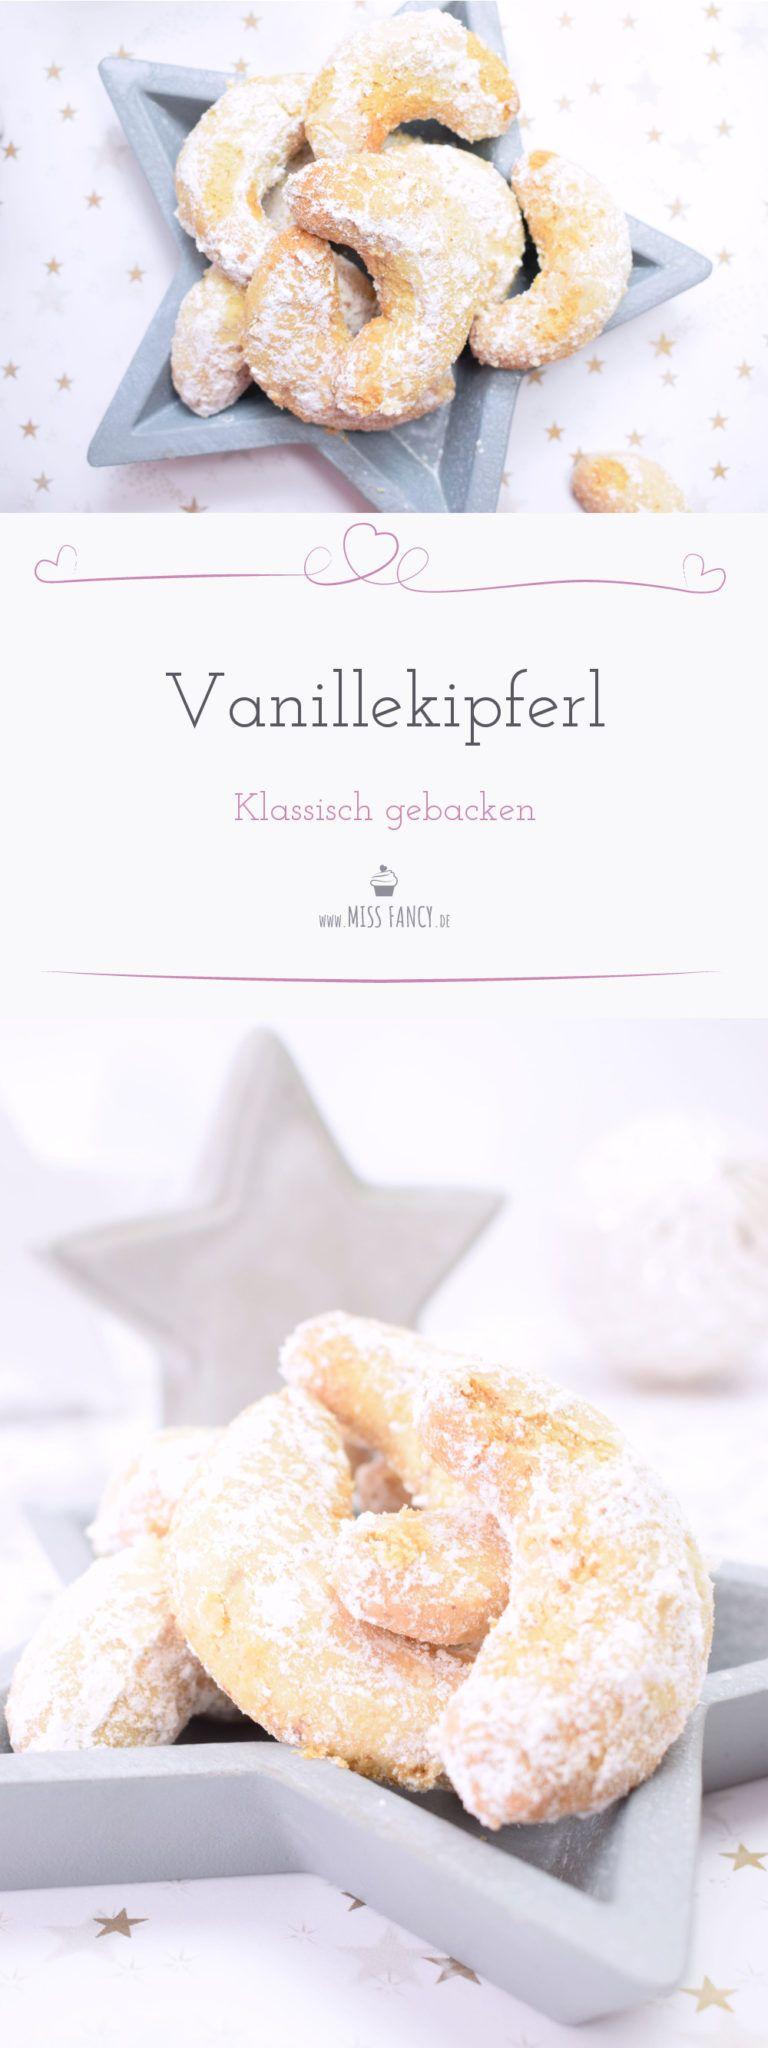 Klassische Vanillekipferl zu Weihnachten | Miss Fancy - Rezepte für jeden Tag #vanillekipferlrezept